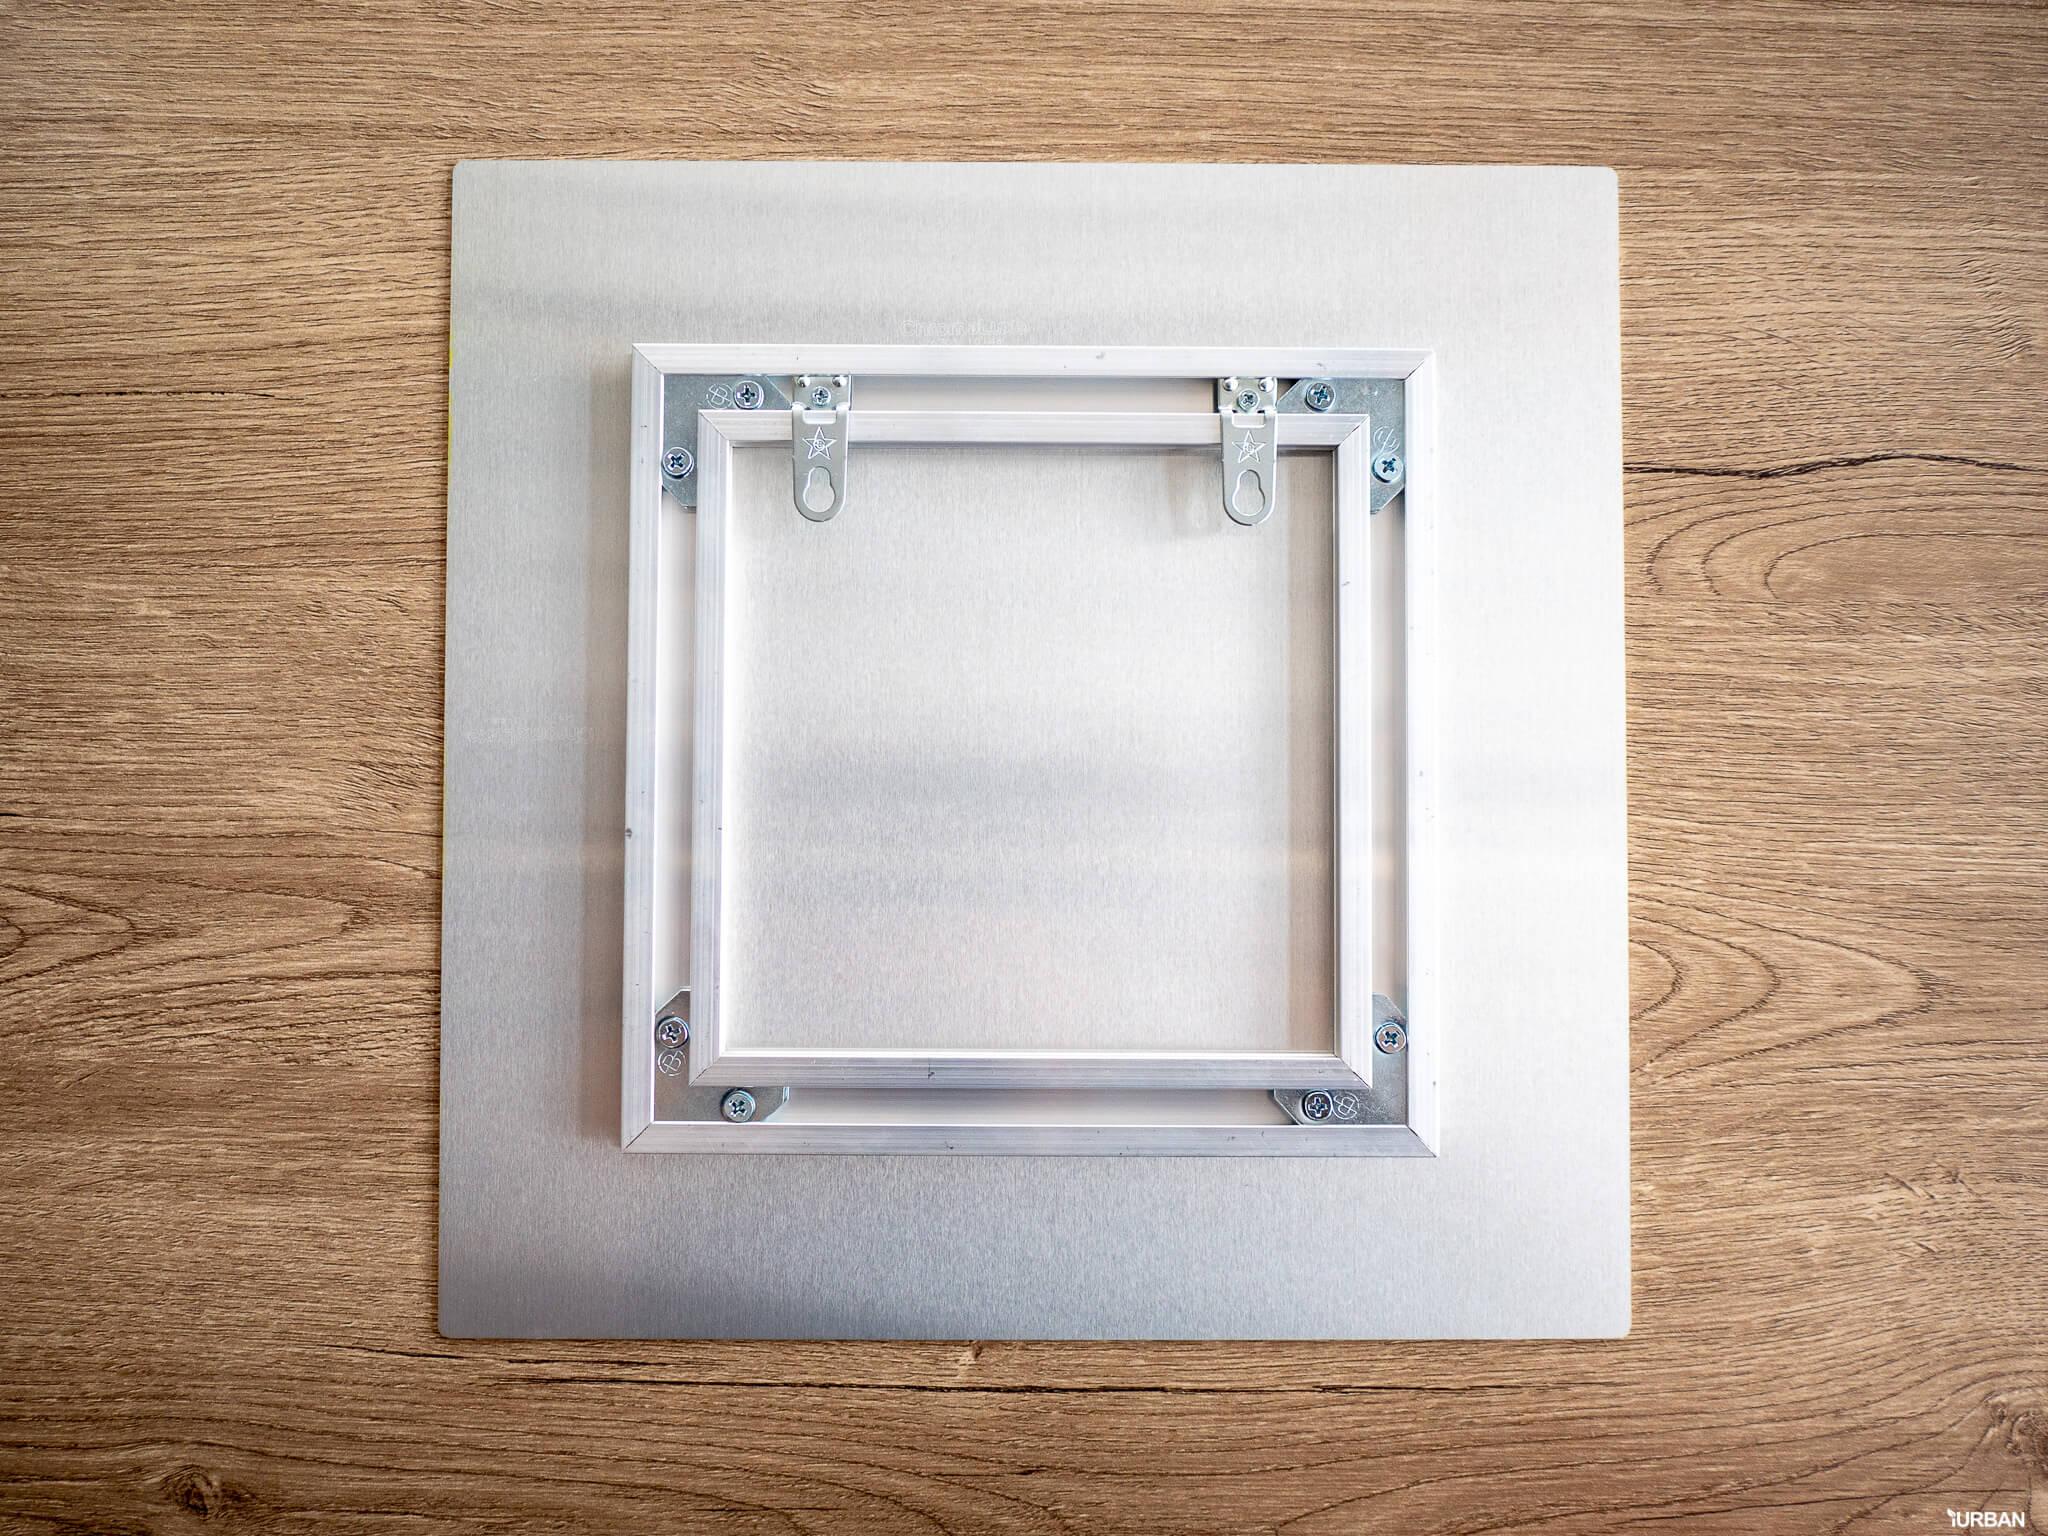 รีวิว 3 บริการจาก Photobook ภาพติดผนัง แคนวาส คุณภาพระดับโลก ออกแบบเองได้ #แจกโค้ดลด90% 🚨 42 - decor